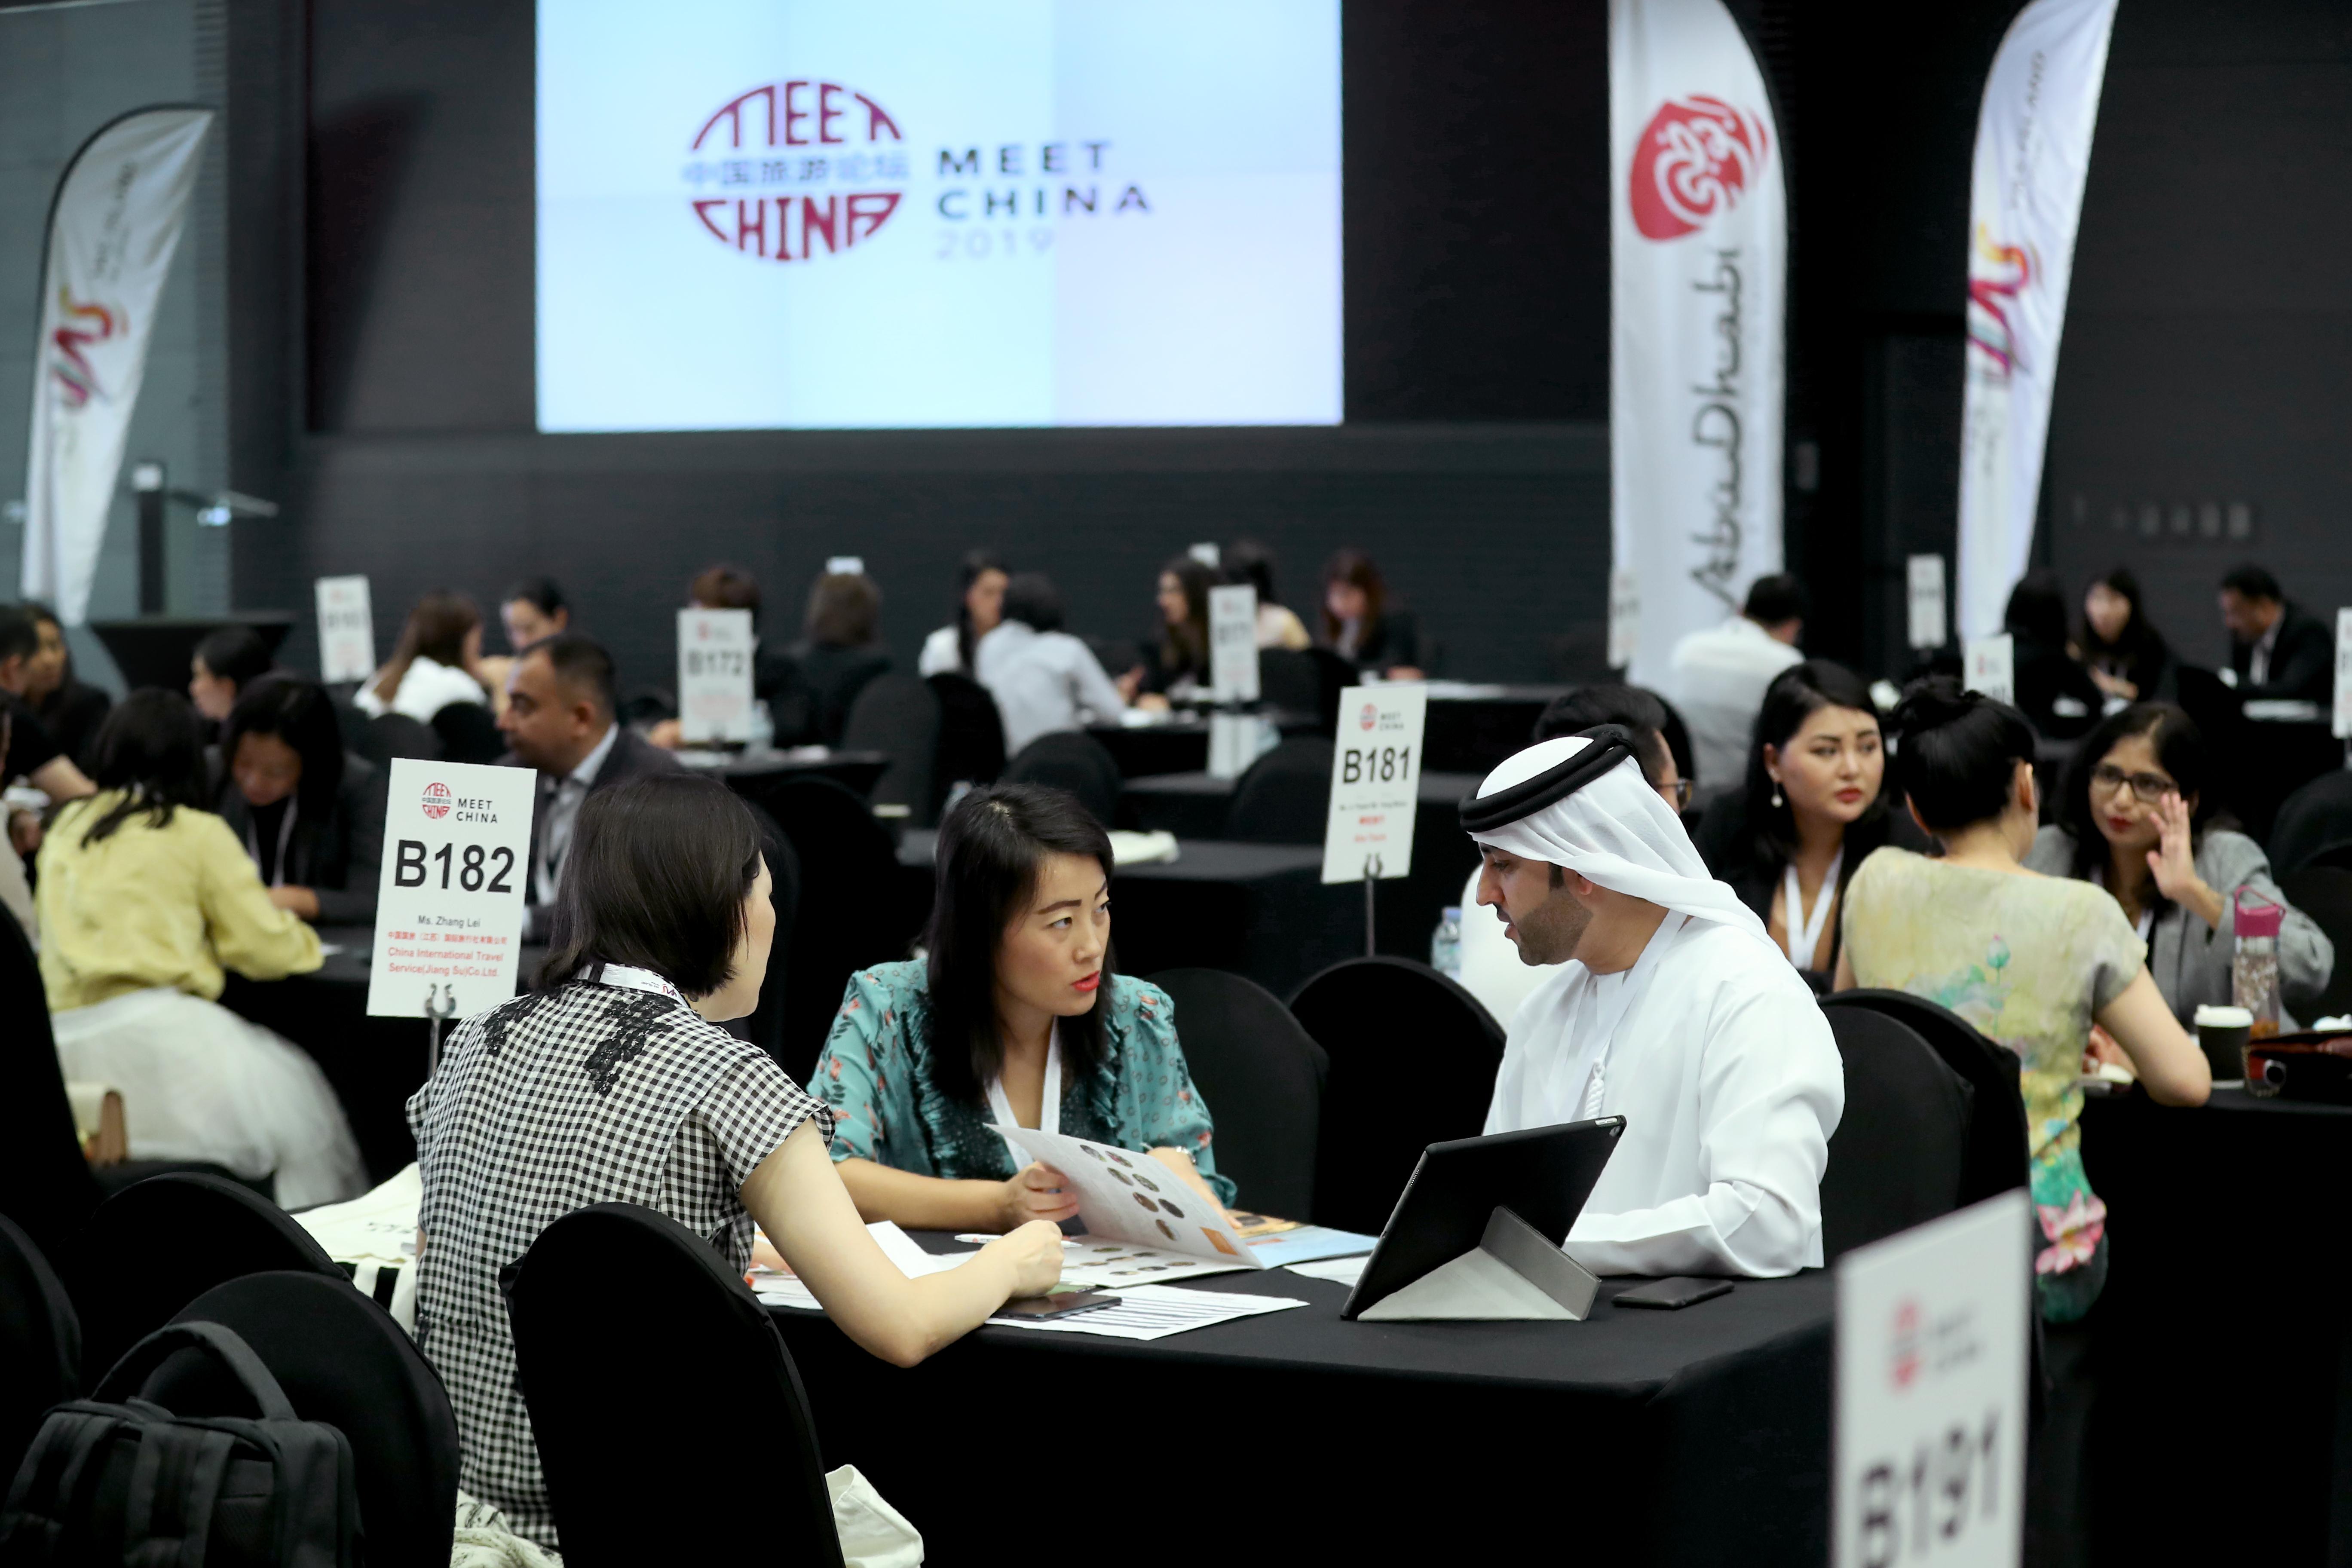 """""""الثقافة والسياحة"""" : خطة استراتيجية لزيادة عدد السياح الصينيين إلى أبوظبي خلال عامين"""